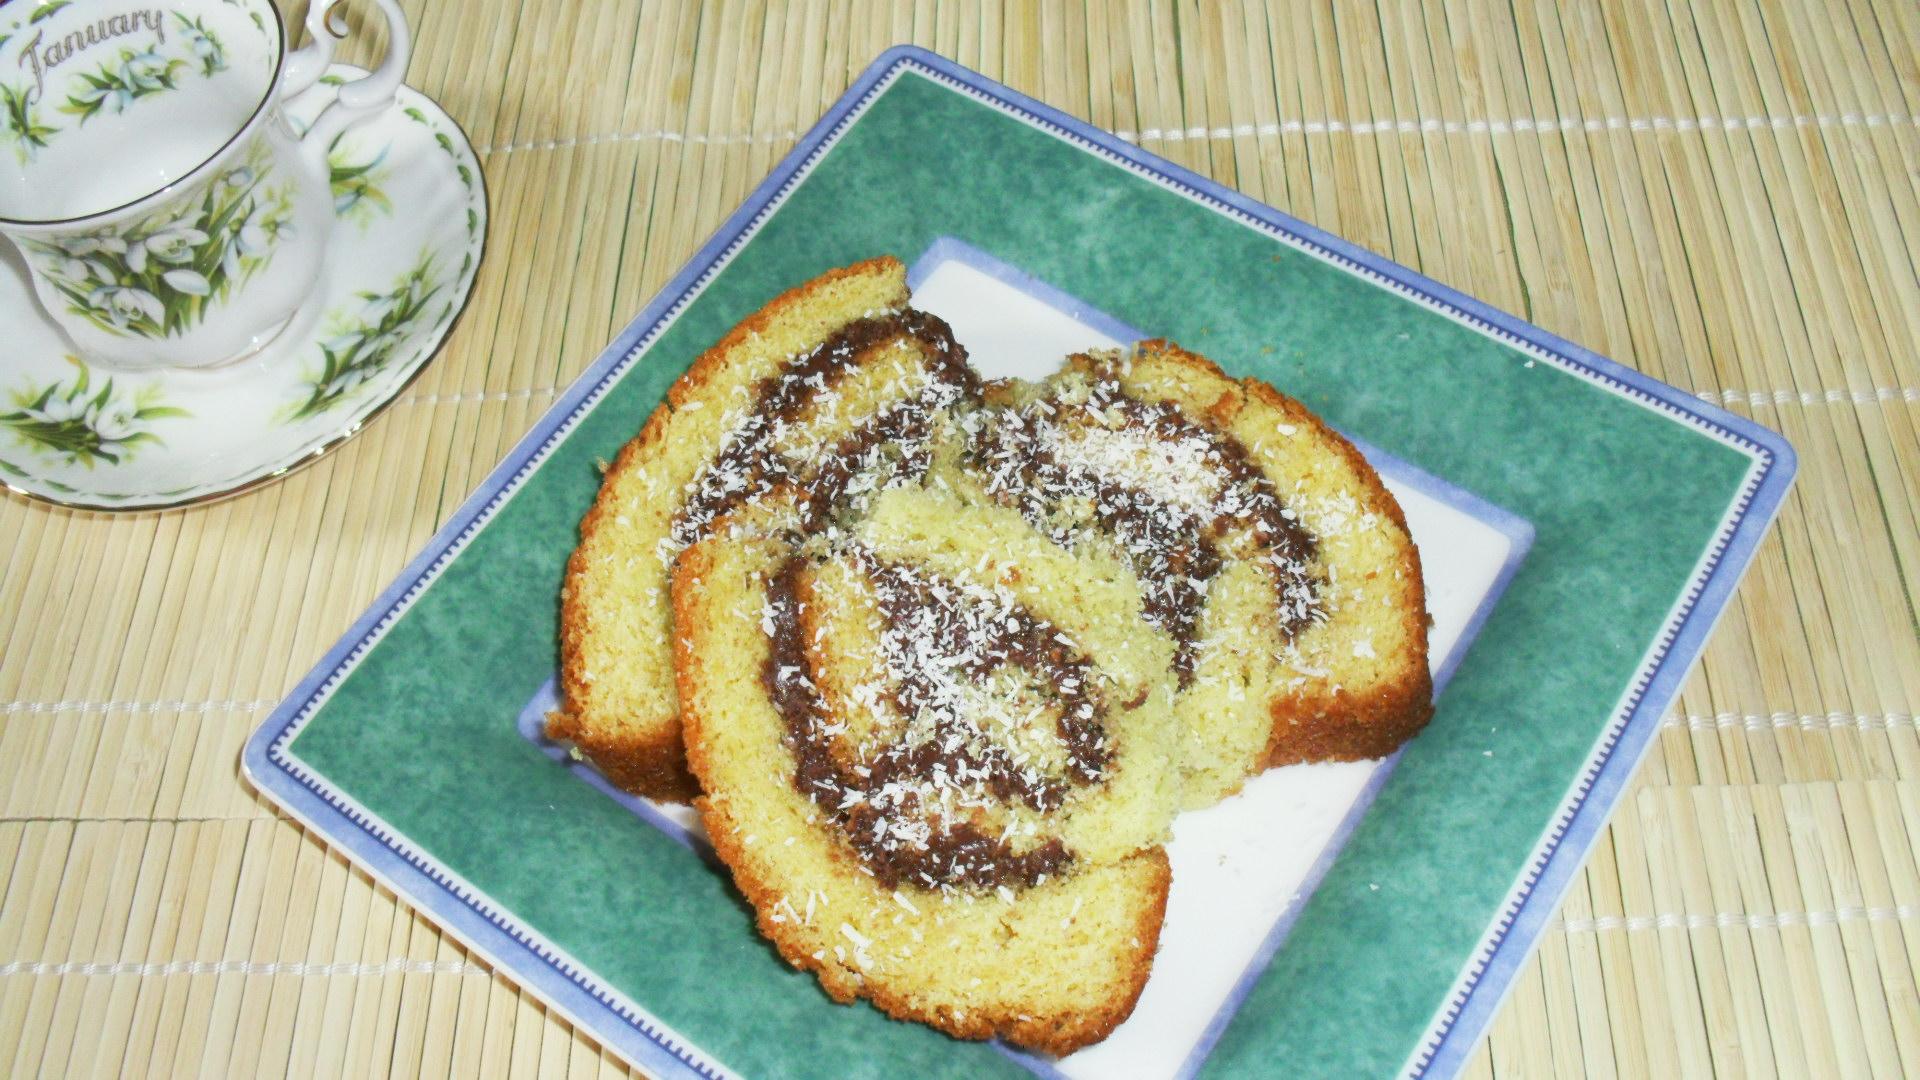 con che cosa bagnare il pan di spagna - 28 images - torta mimosa e ...